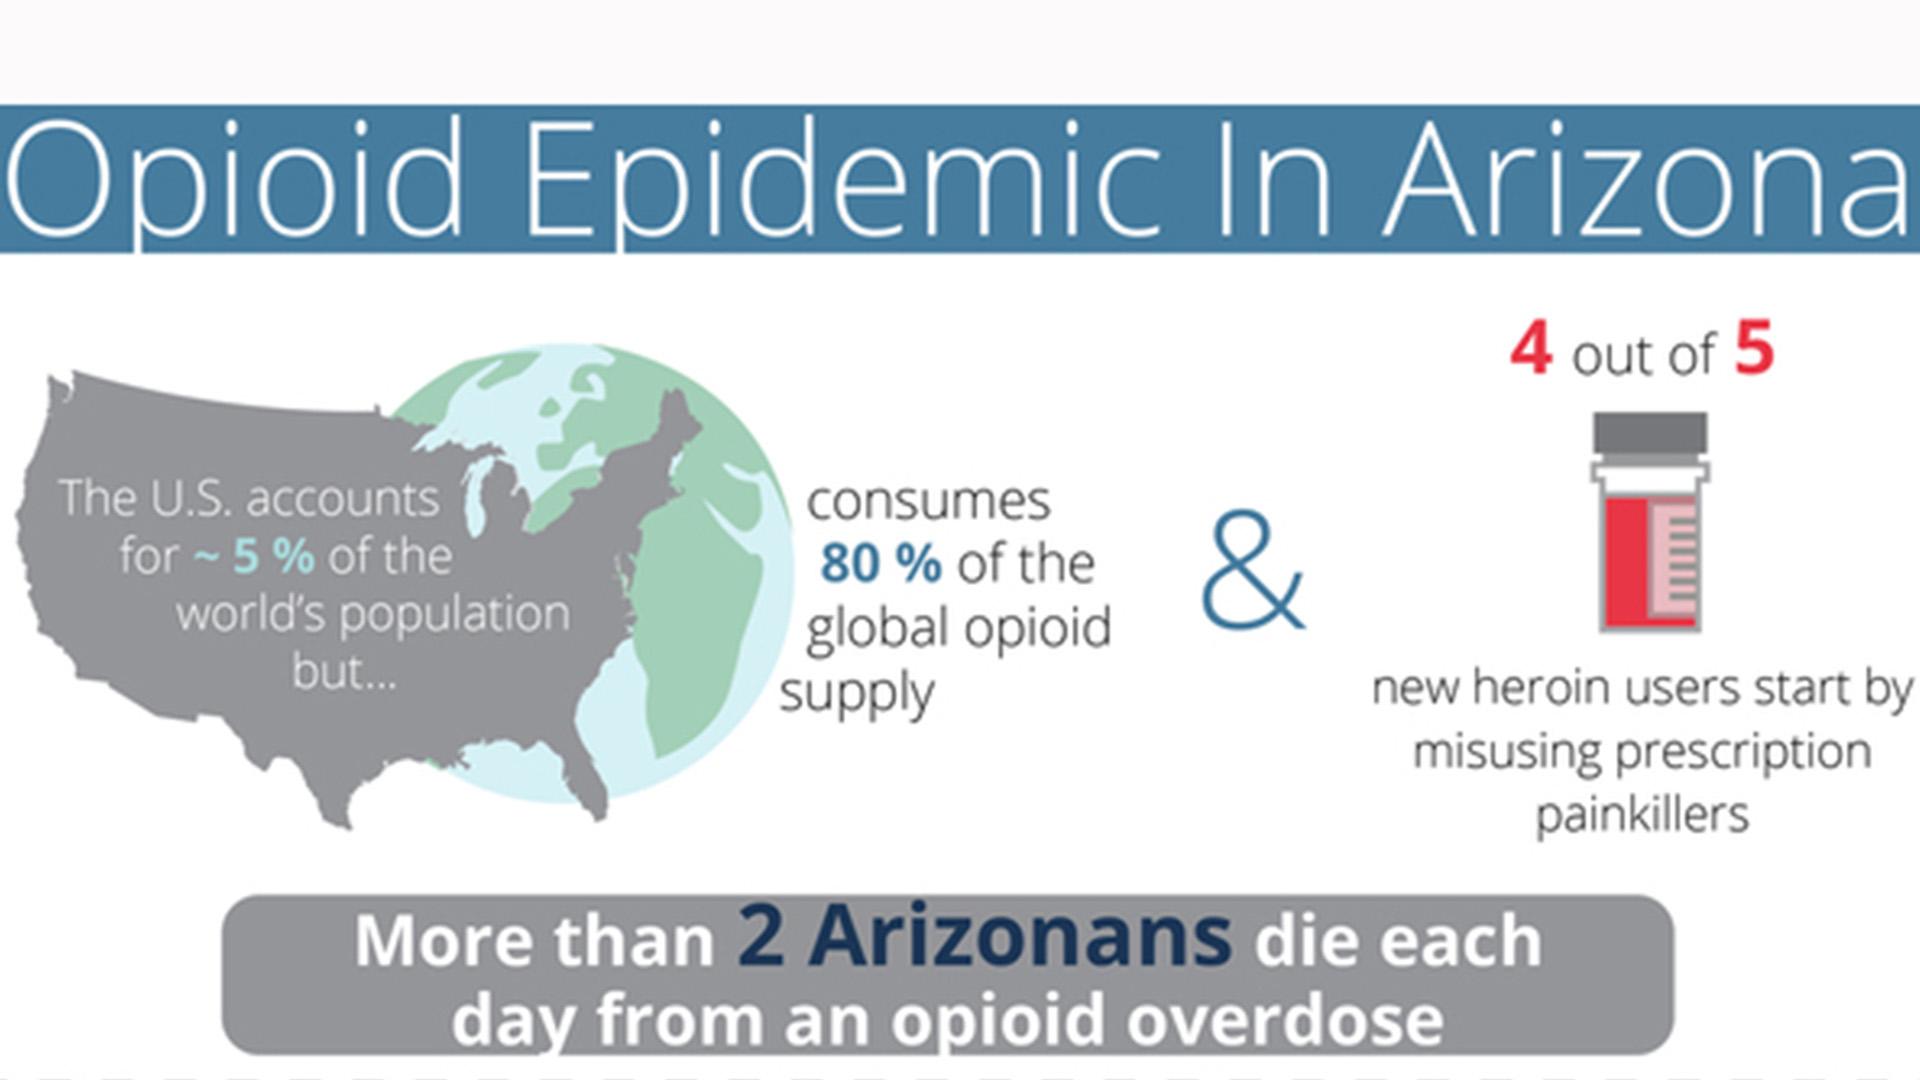 Opioid Deaths 2016